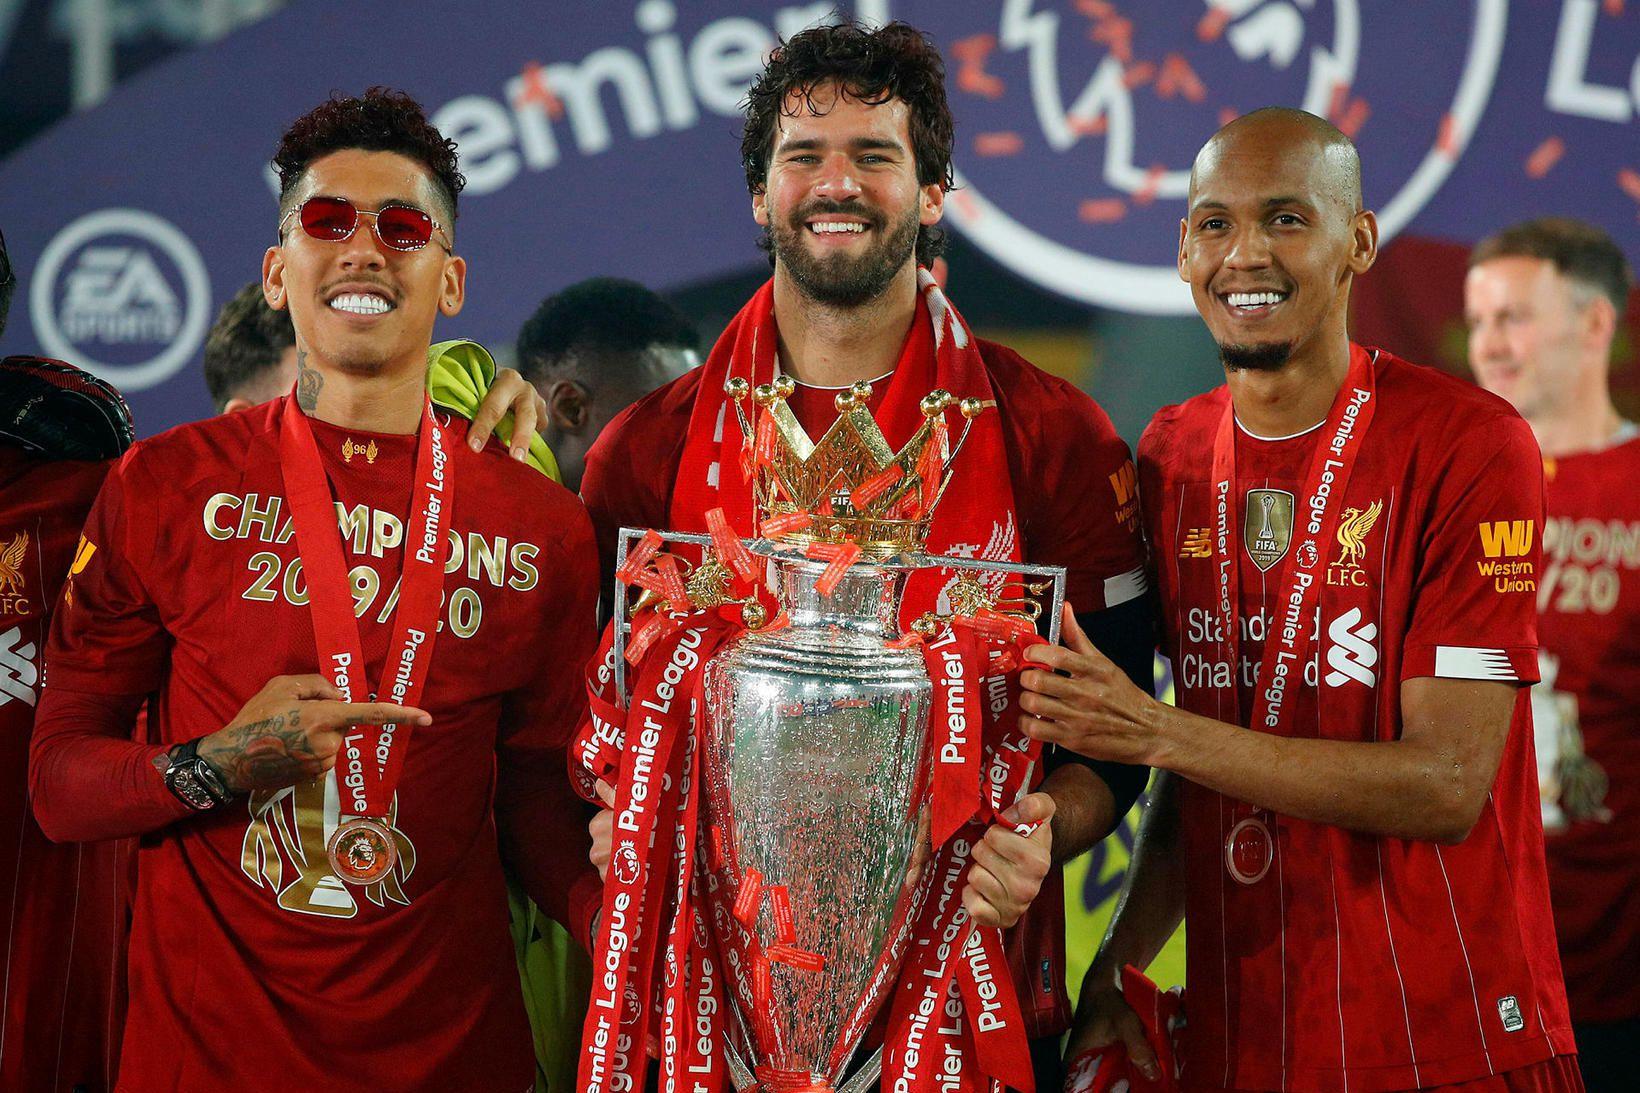 Brasilíumennirnir Roberto Firmino, Alisson Becker og Fabinho hjá Liverpool fá …